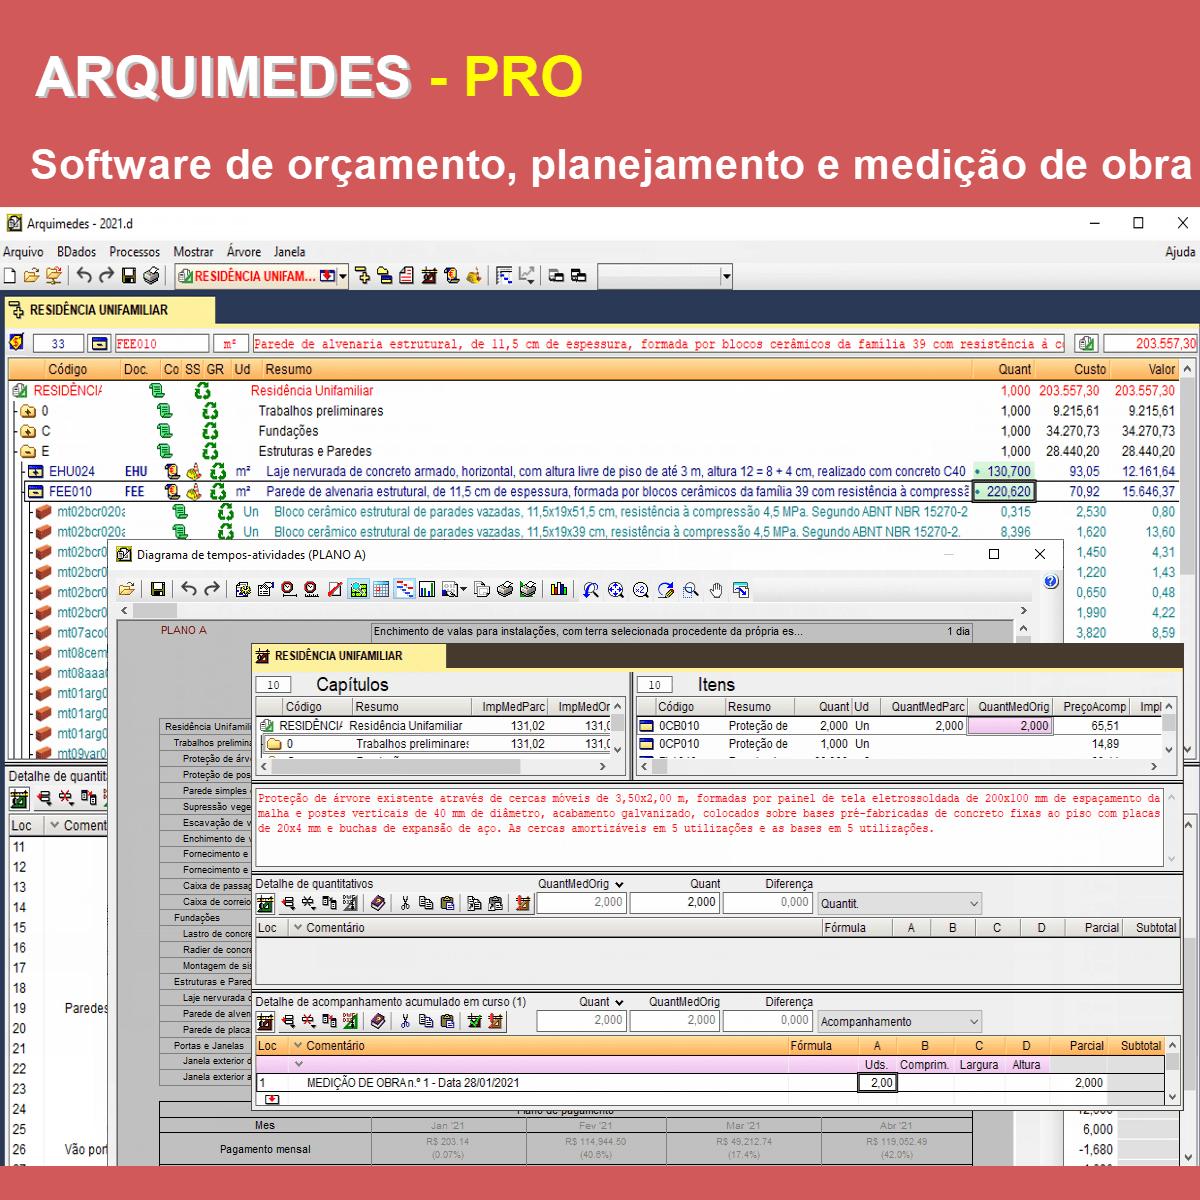 Software Arquimedes pacote PRO versão 2022 (Licença Eletrônica) incluindo Orçamento, Planejamento e Medição de Obras